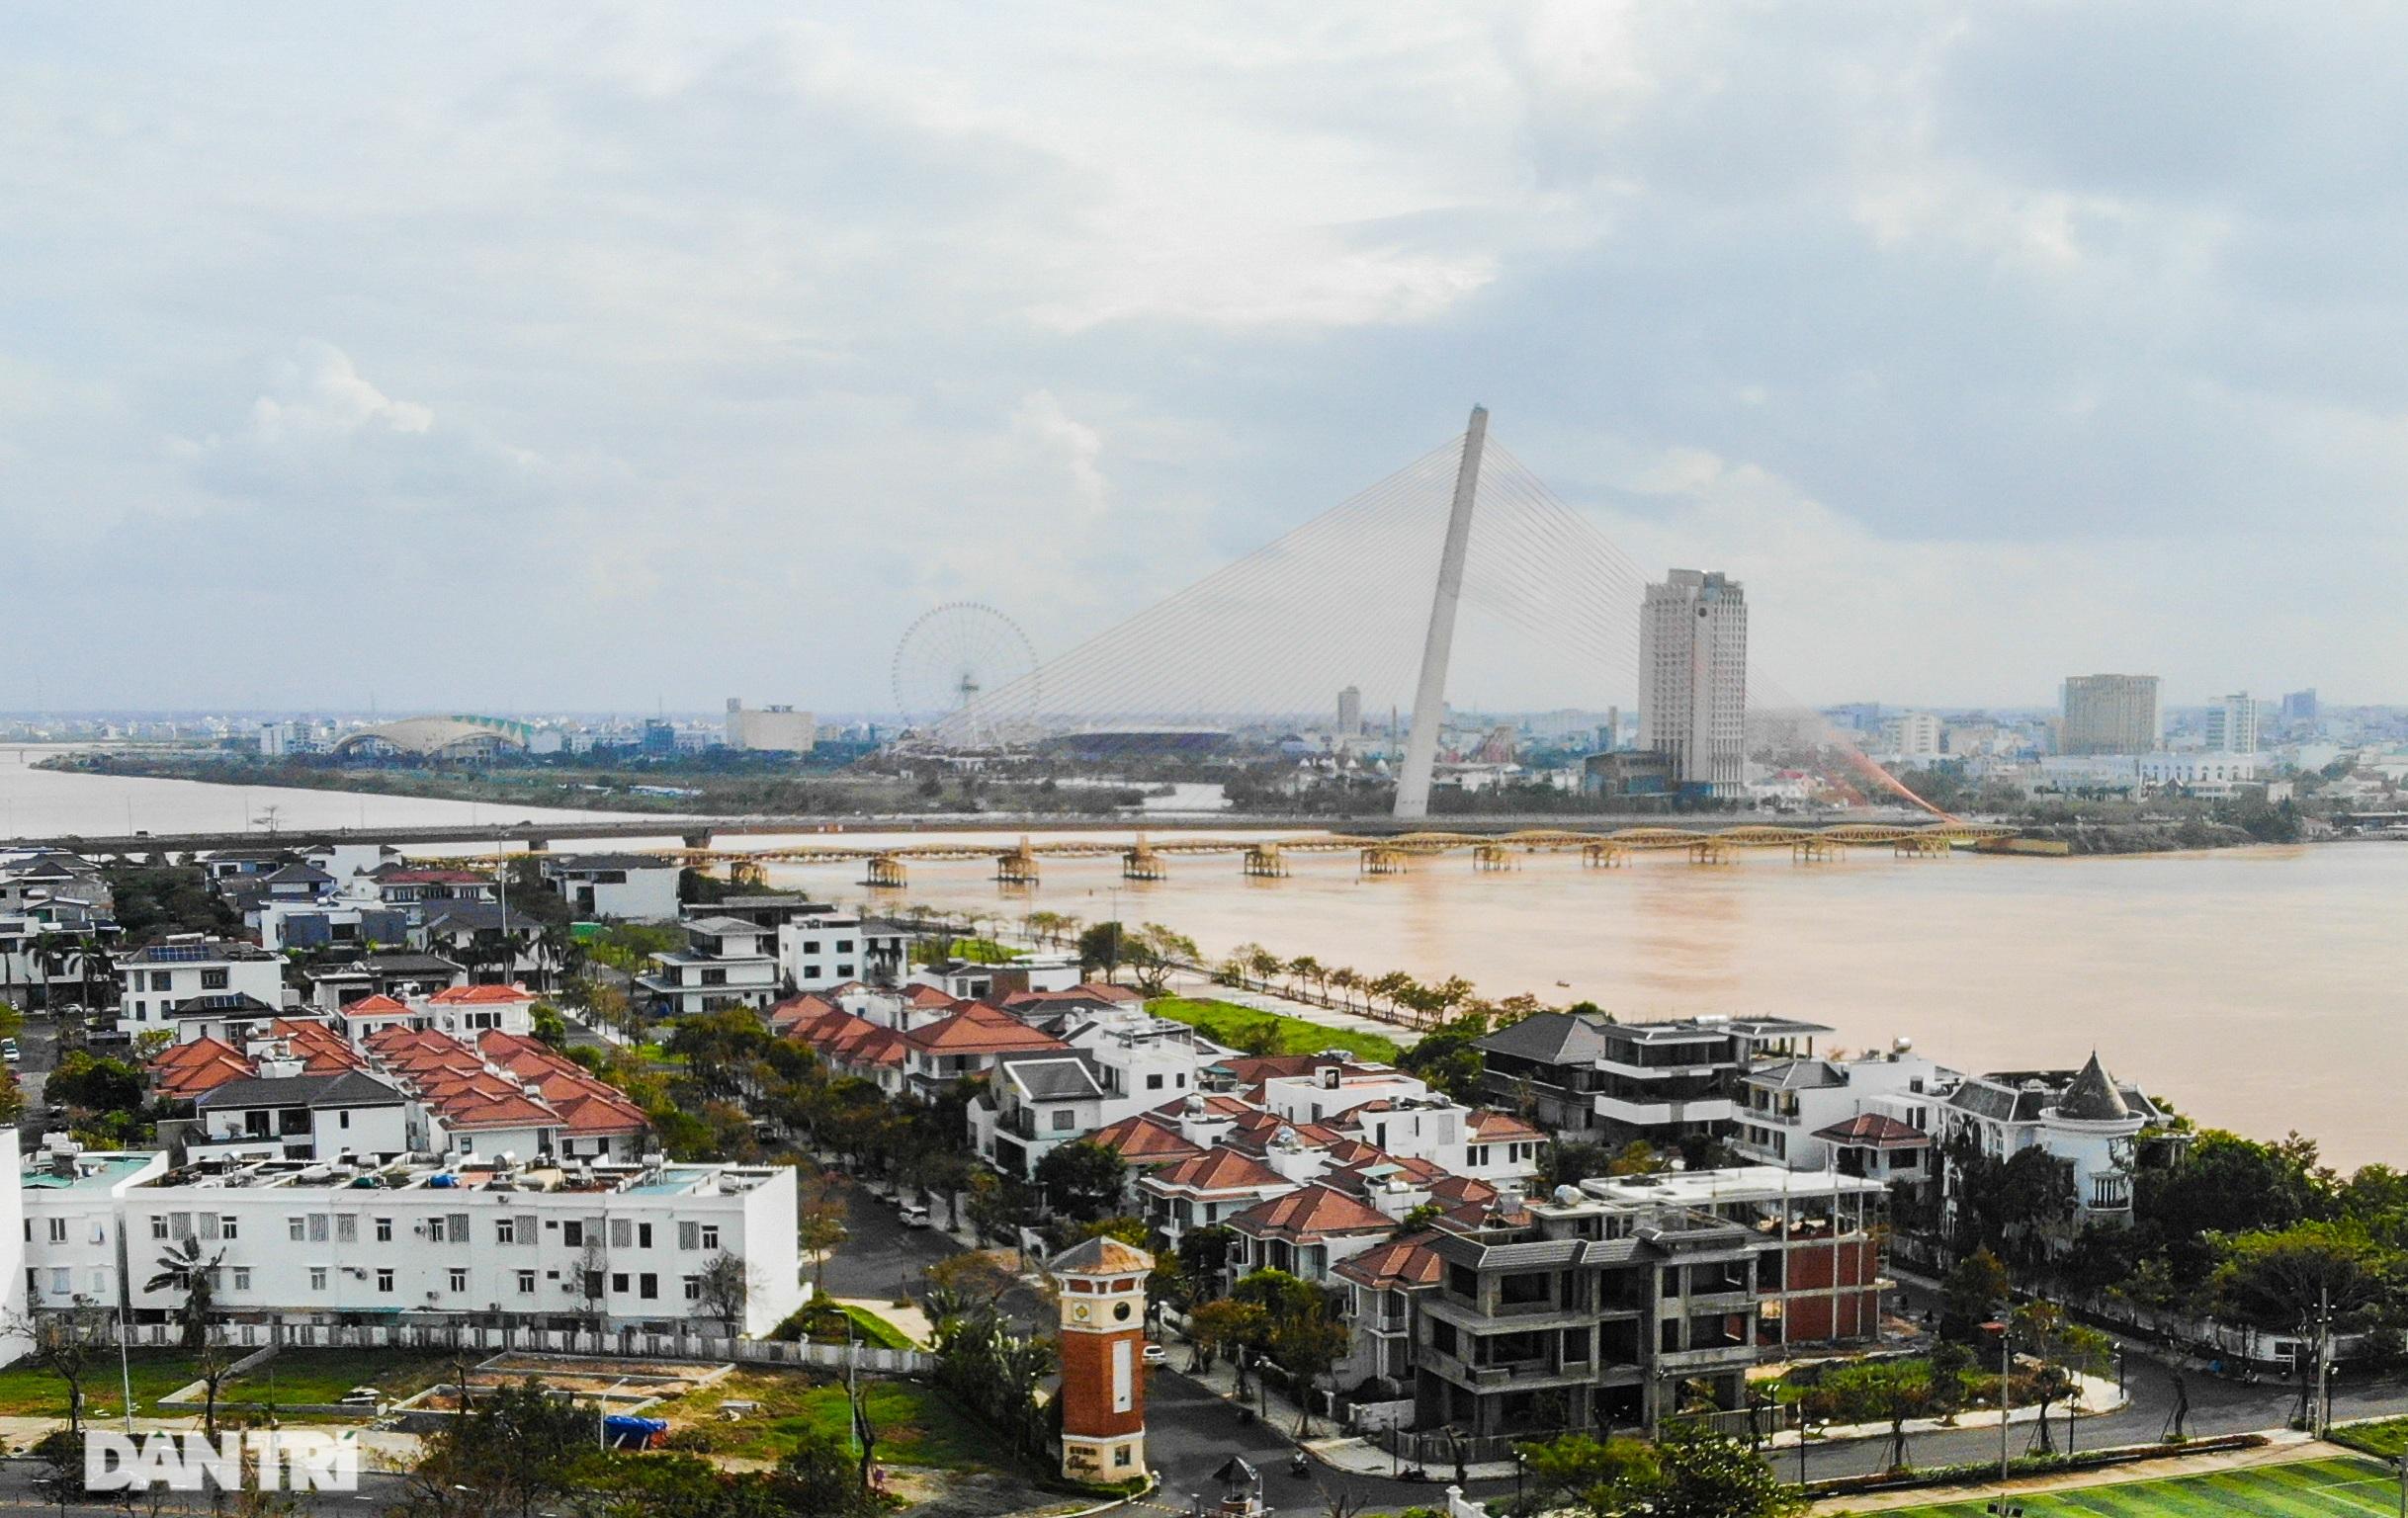 Chiêm ngưỡng 4 cây cầu ấn tượng nối đôi bờ sông Hàn ở Đà Nẵng - 17